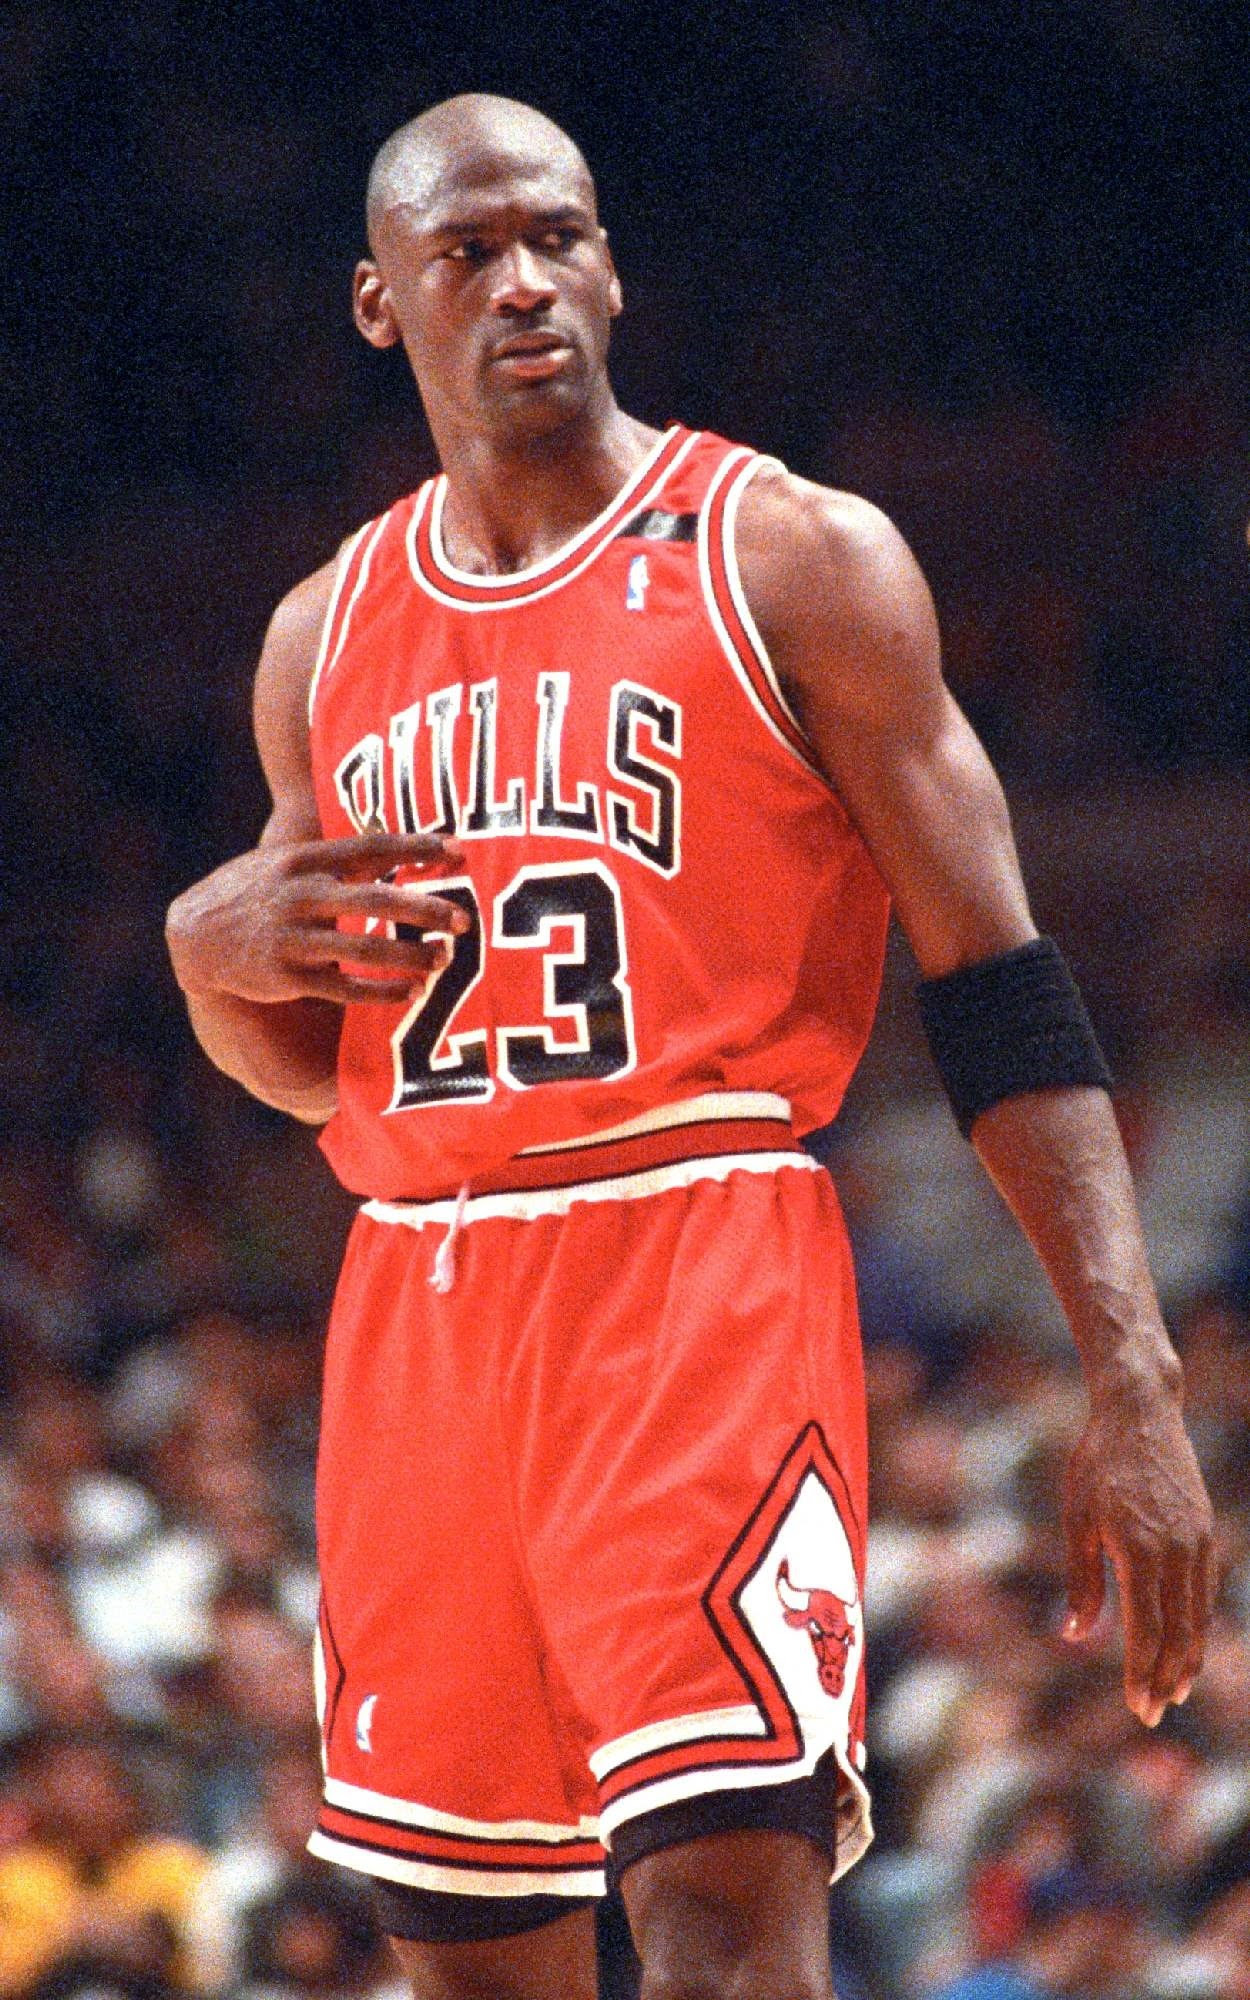 Michael Jordan Iphone 6 Wallpaper 63 Images